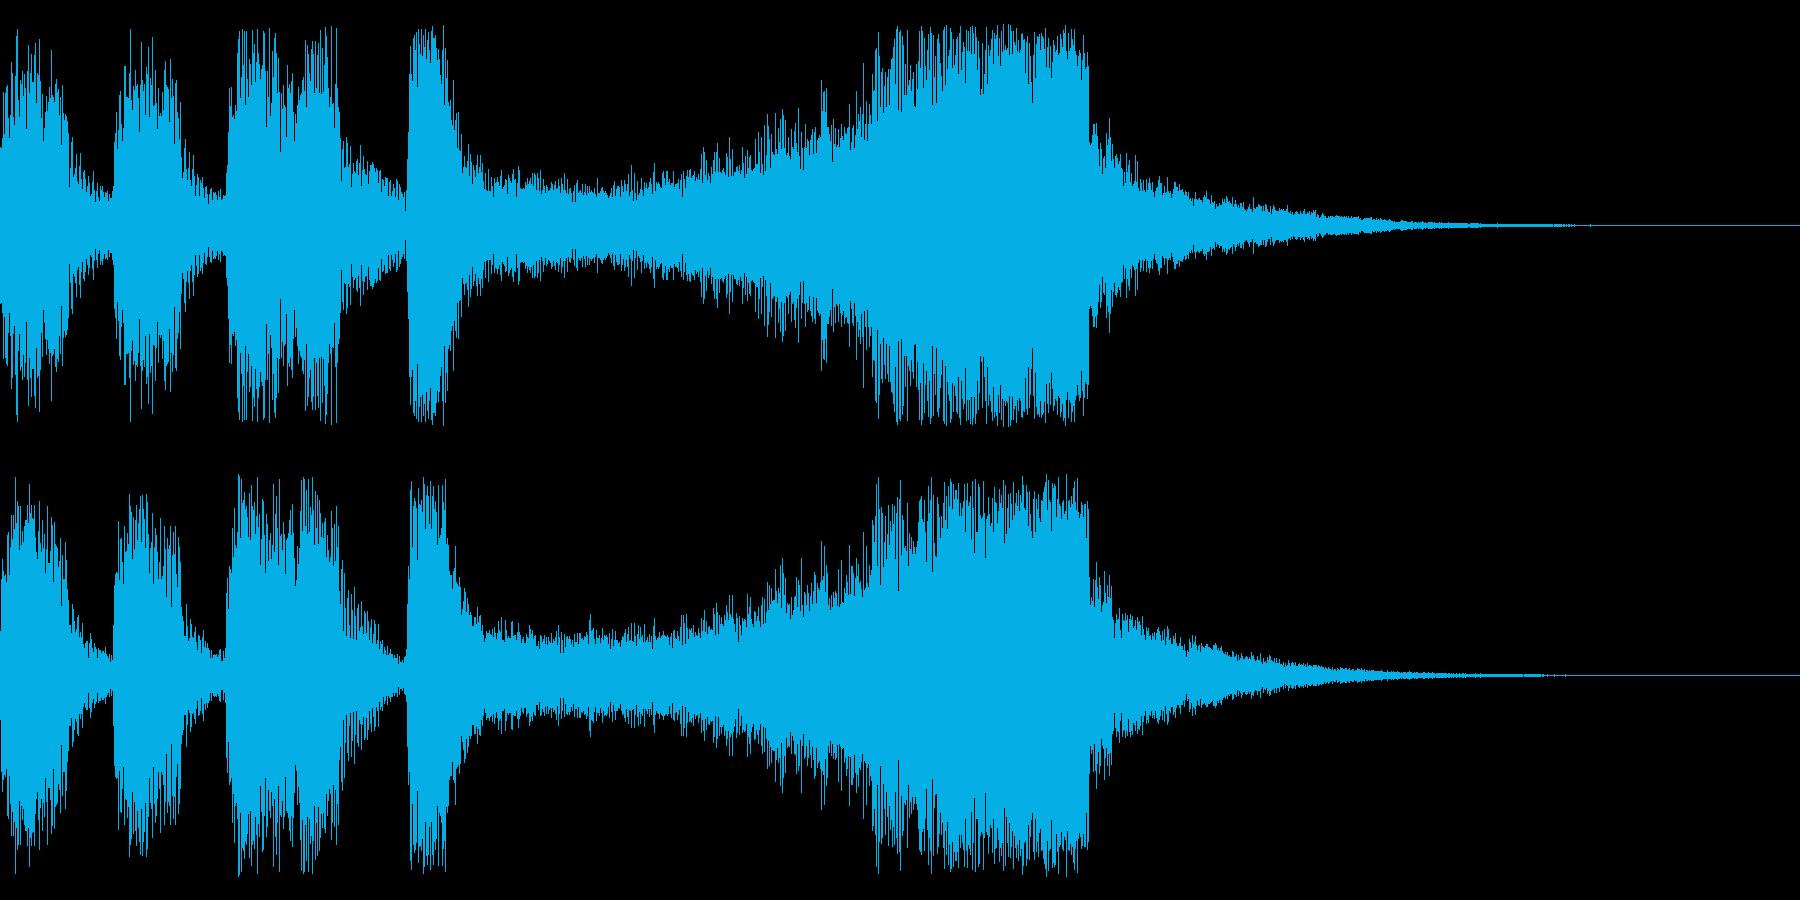 マリンバとブラスのファンファーレの再生済みの波形